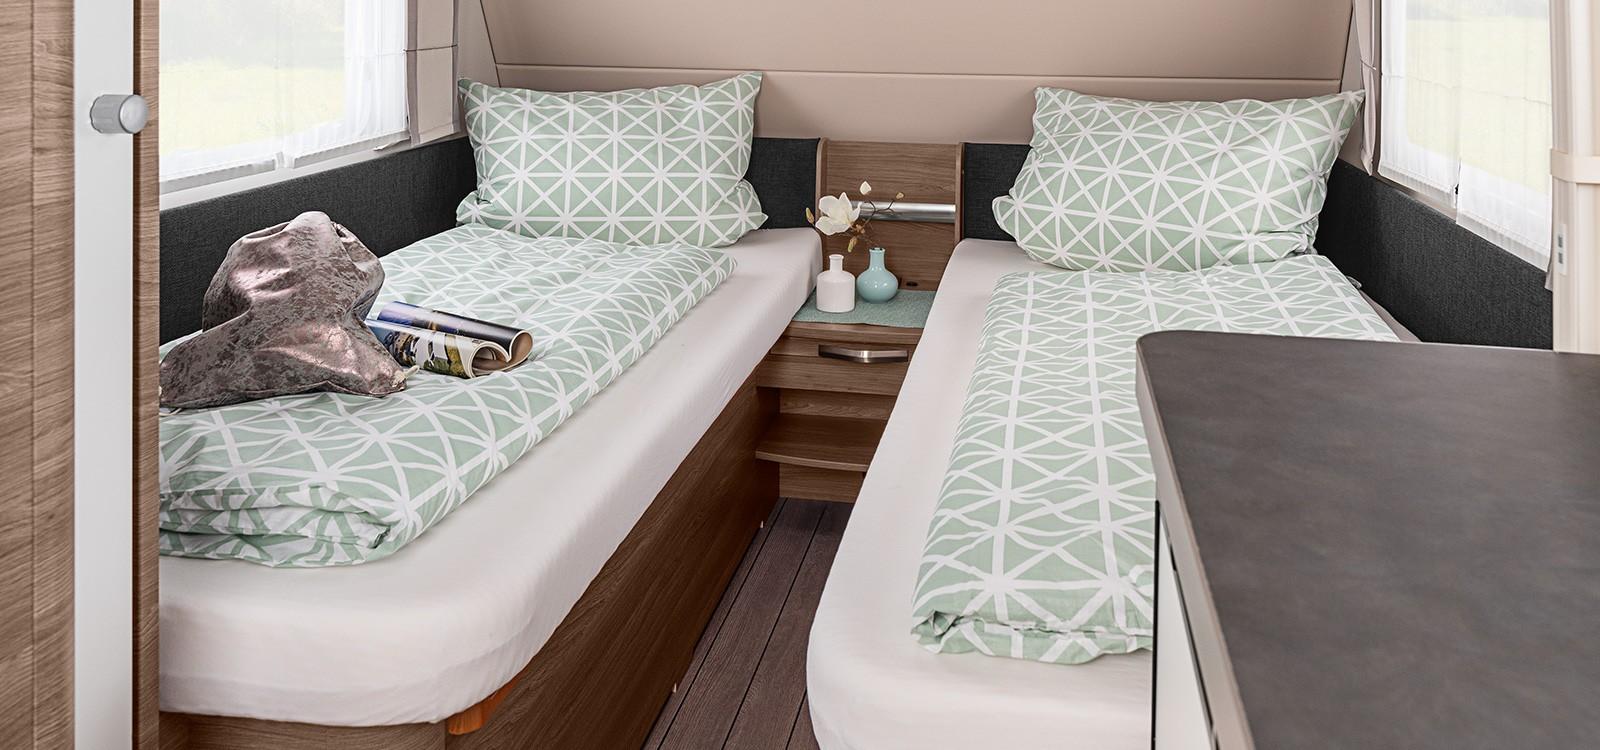 Bett-, Küchen- & Badvarianten Caravans  KNAUS